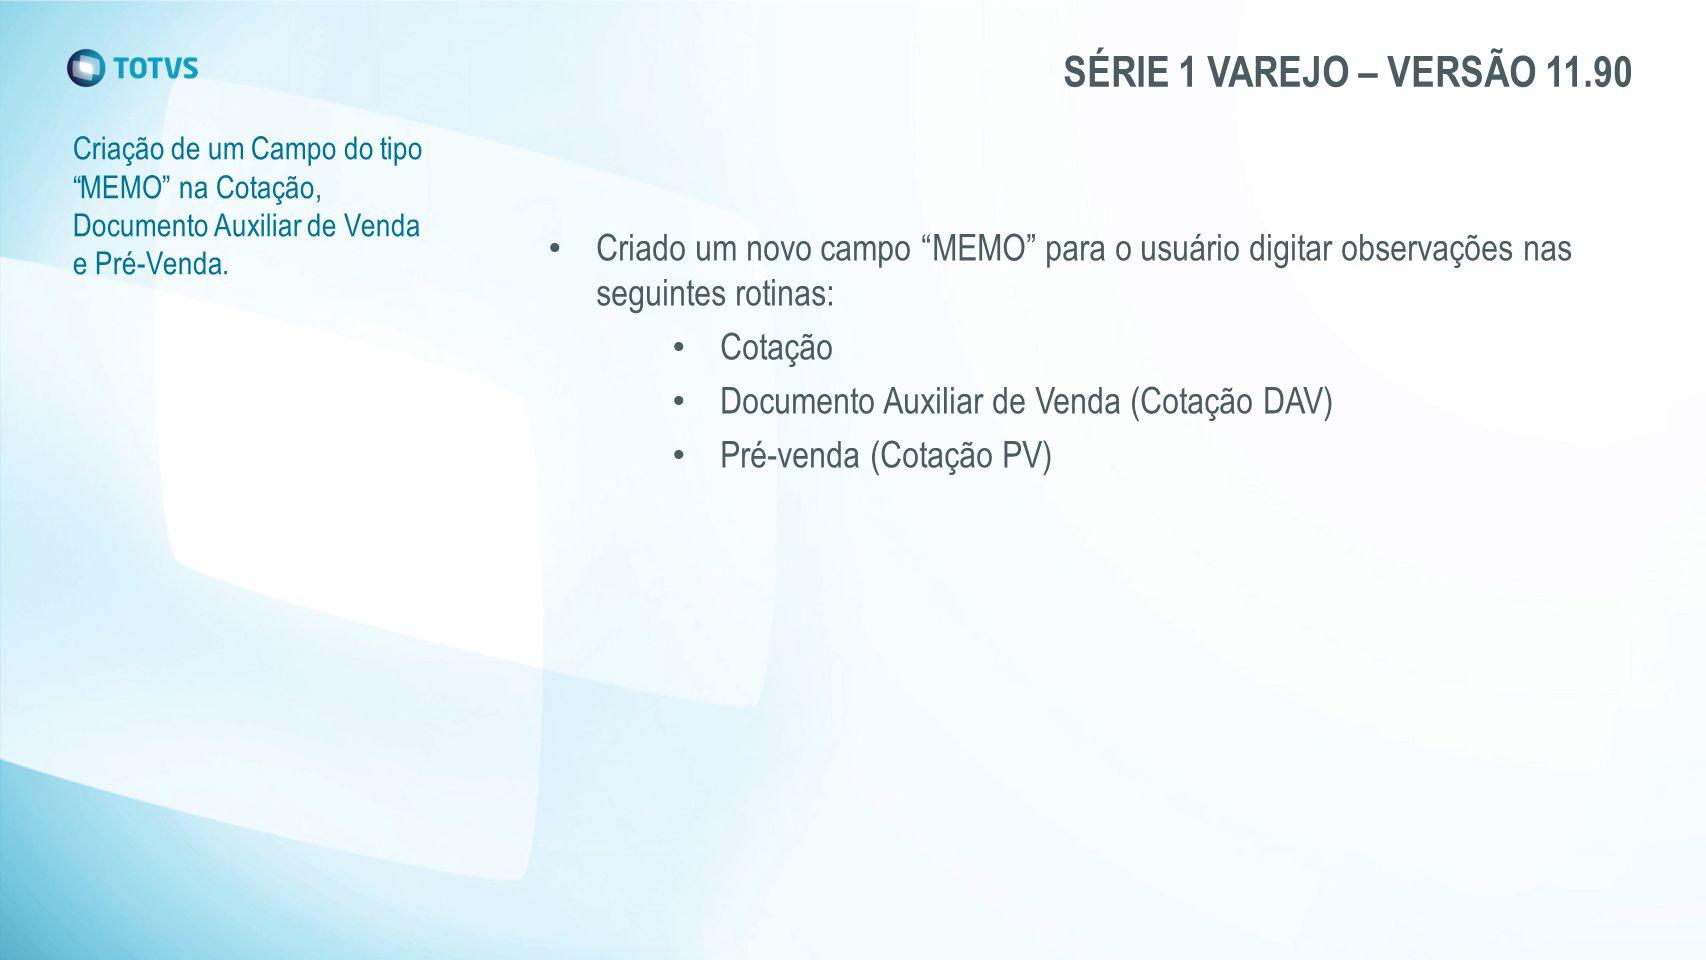 SÉRIE 1 VAREJO – VERSÃO 11.90 Criação de um Campo do tipo MEMO na Cotação, Documento Auxiliar de Venda e Pré-Venda.